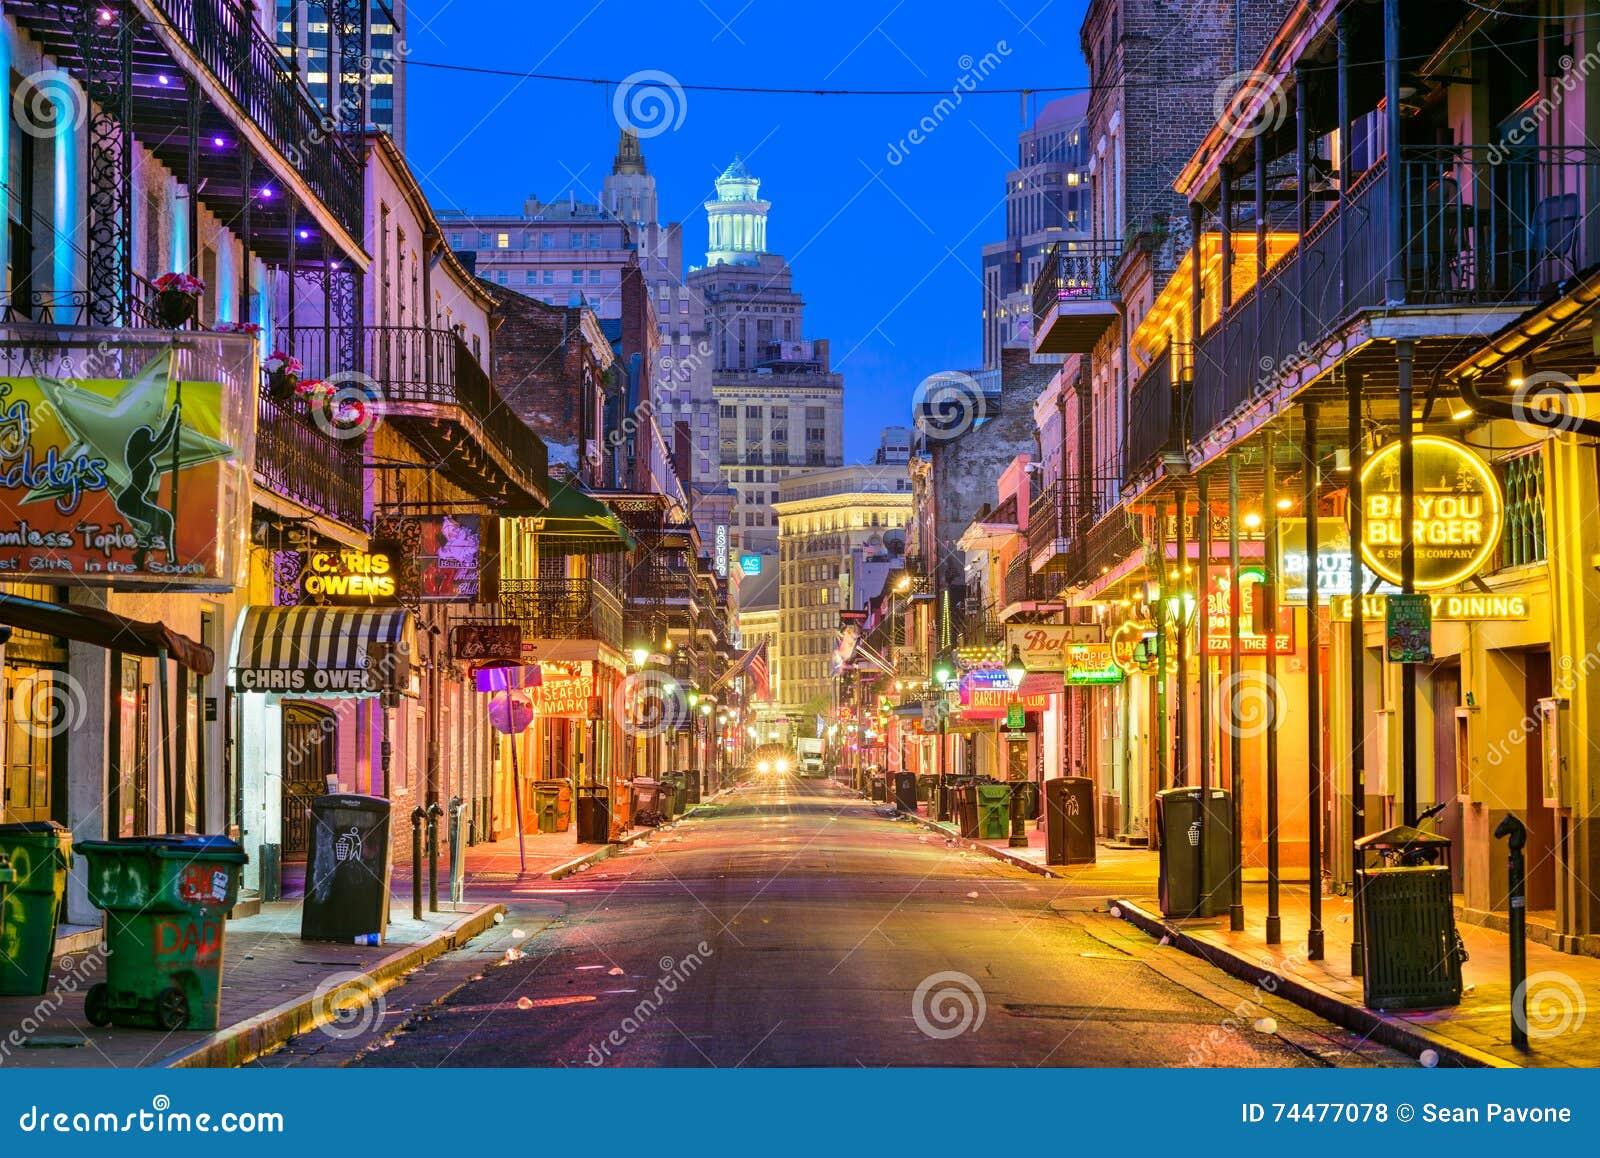 Calle New Orleans de Borbón